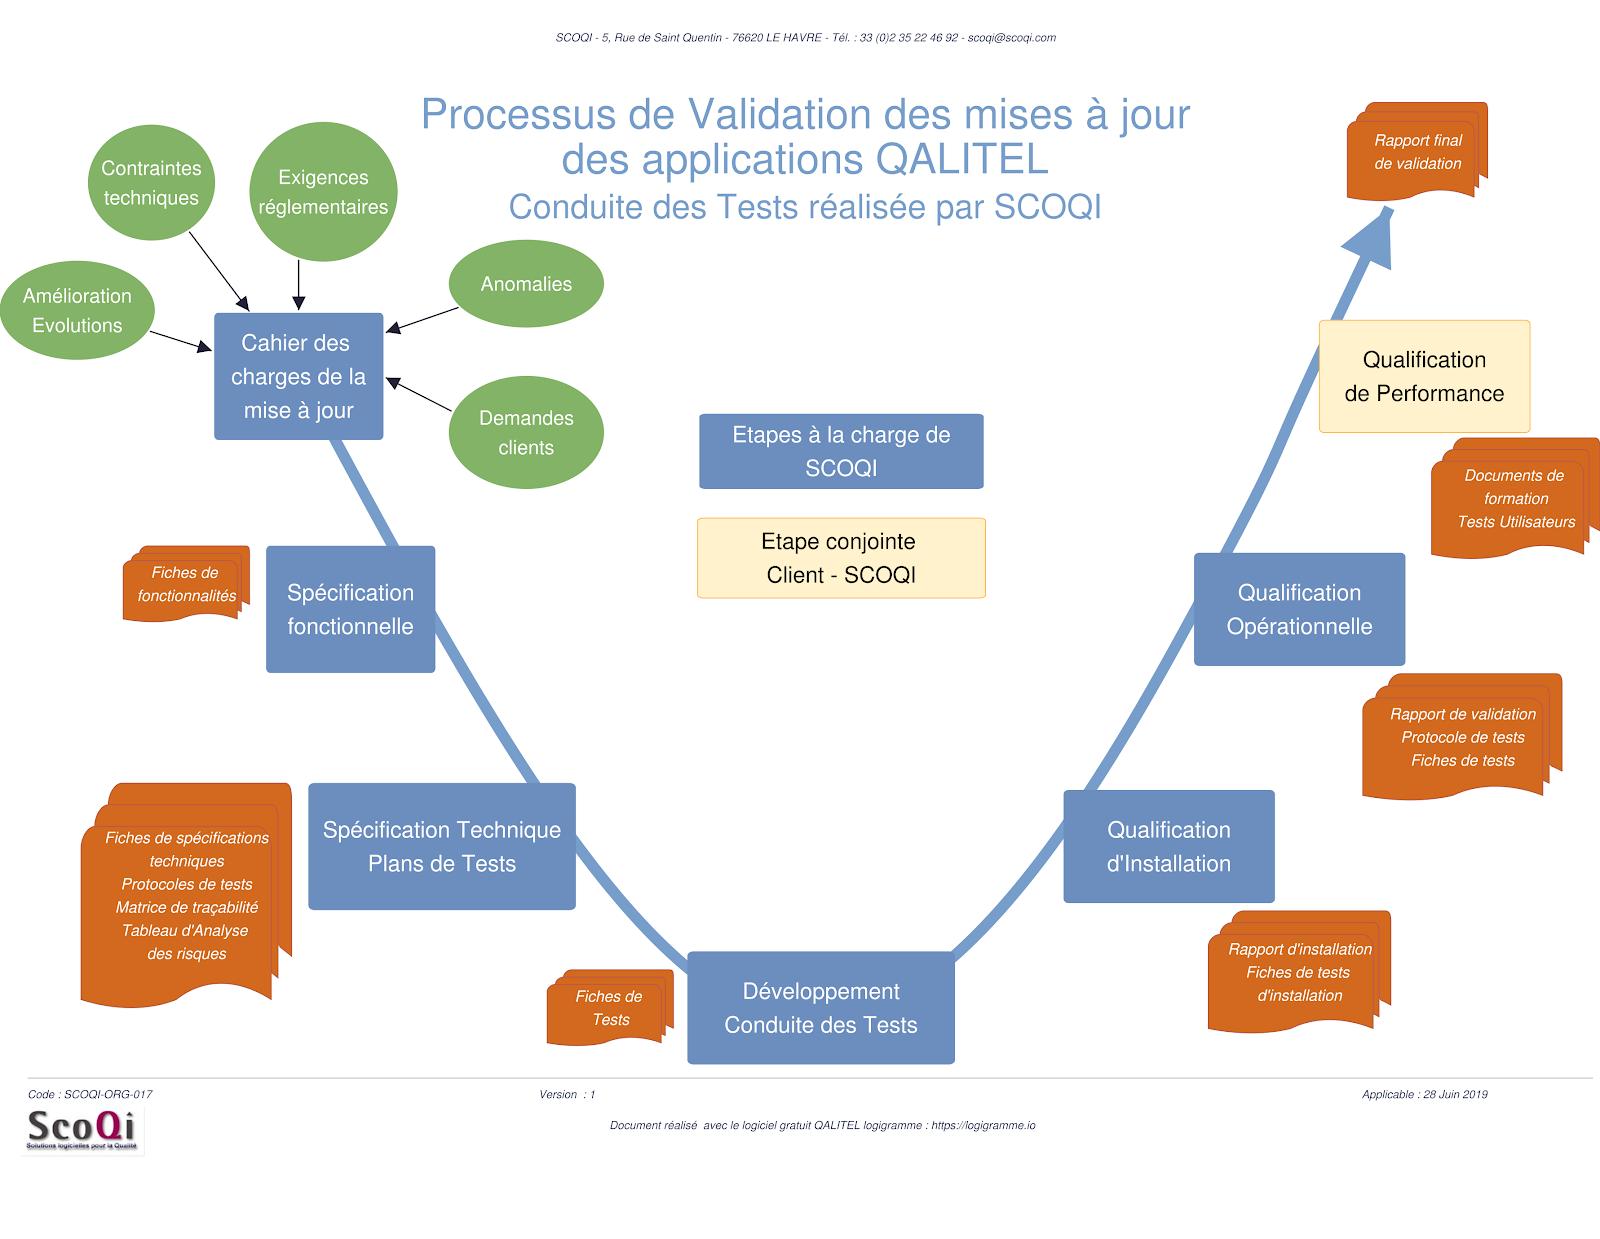 Plans de validation des logiciels Qualité de la Gamme QALITEL